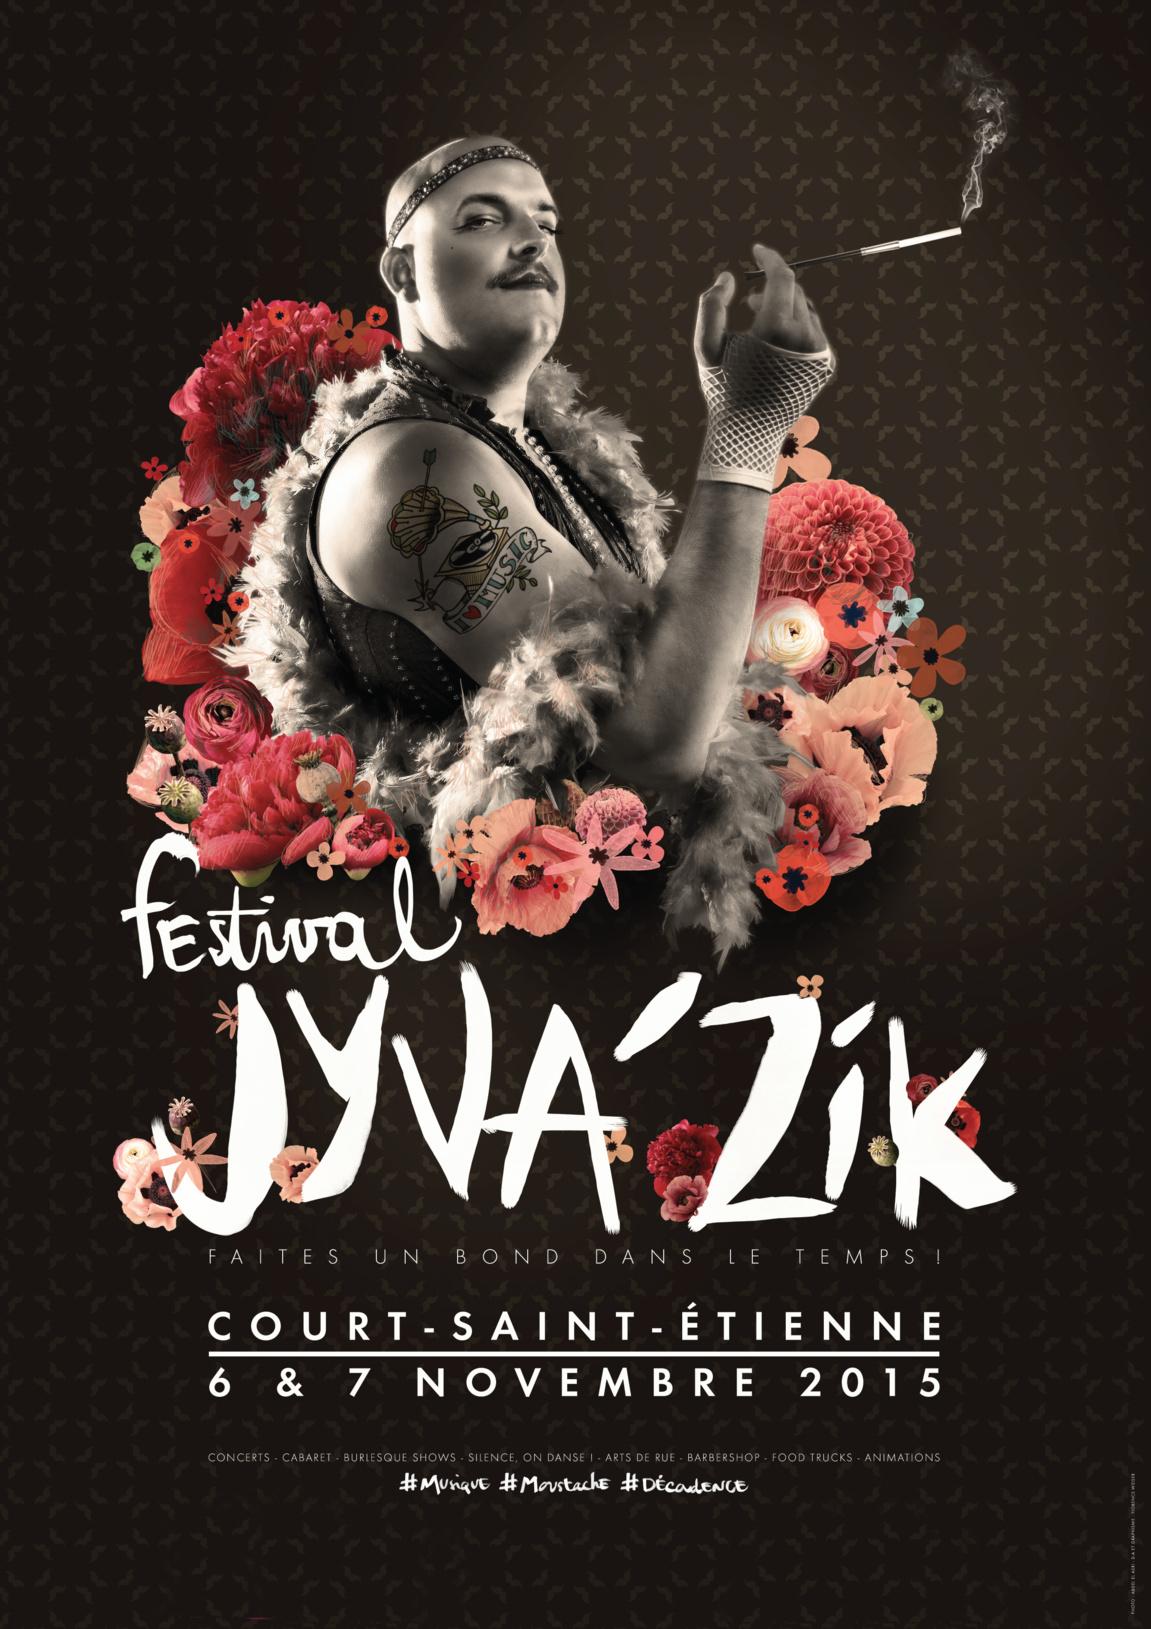 SAVE THE DATE : Le 6 et 7 novembre Jyva'Zik Festival sera au PAM Expo de Court St Etienne !!